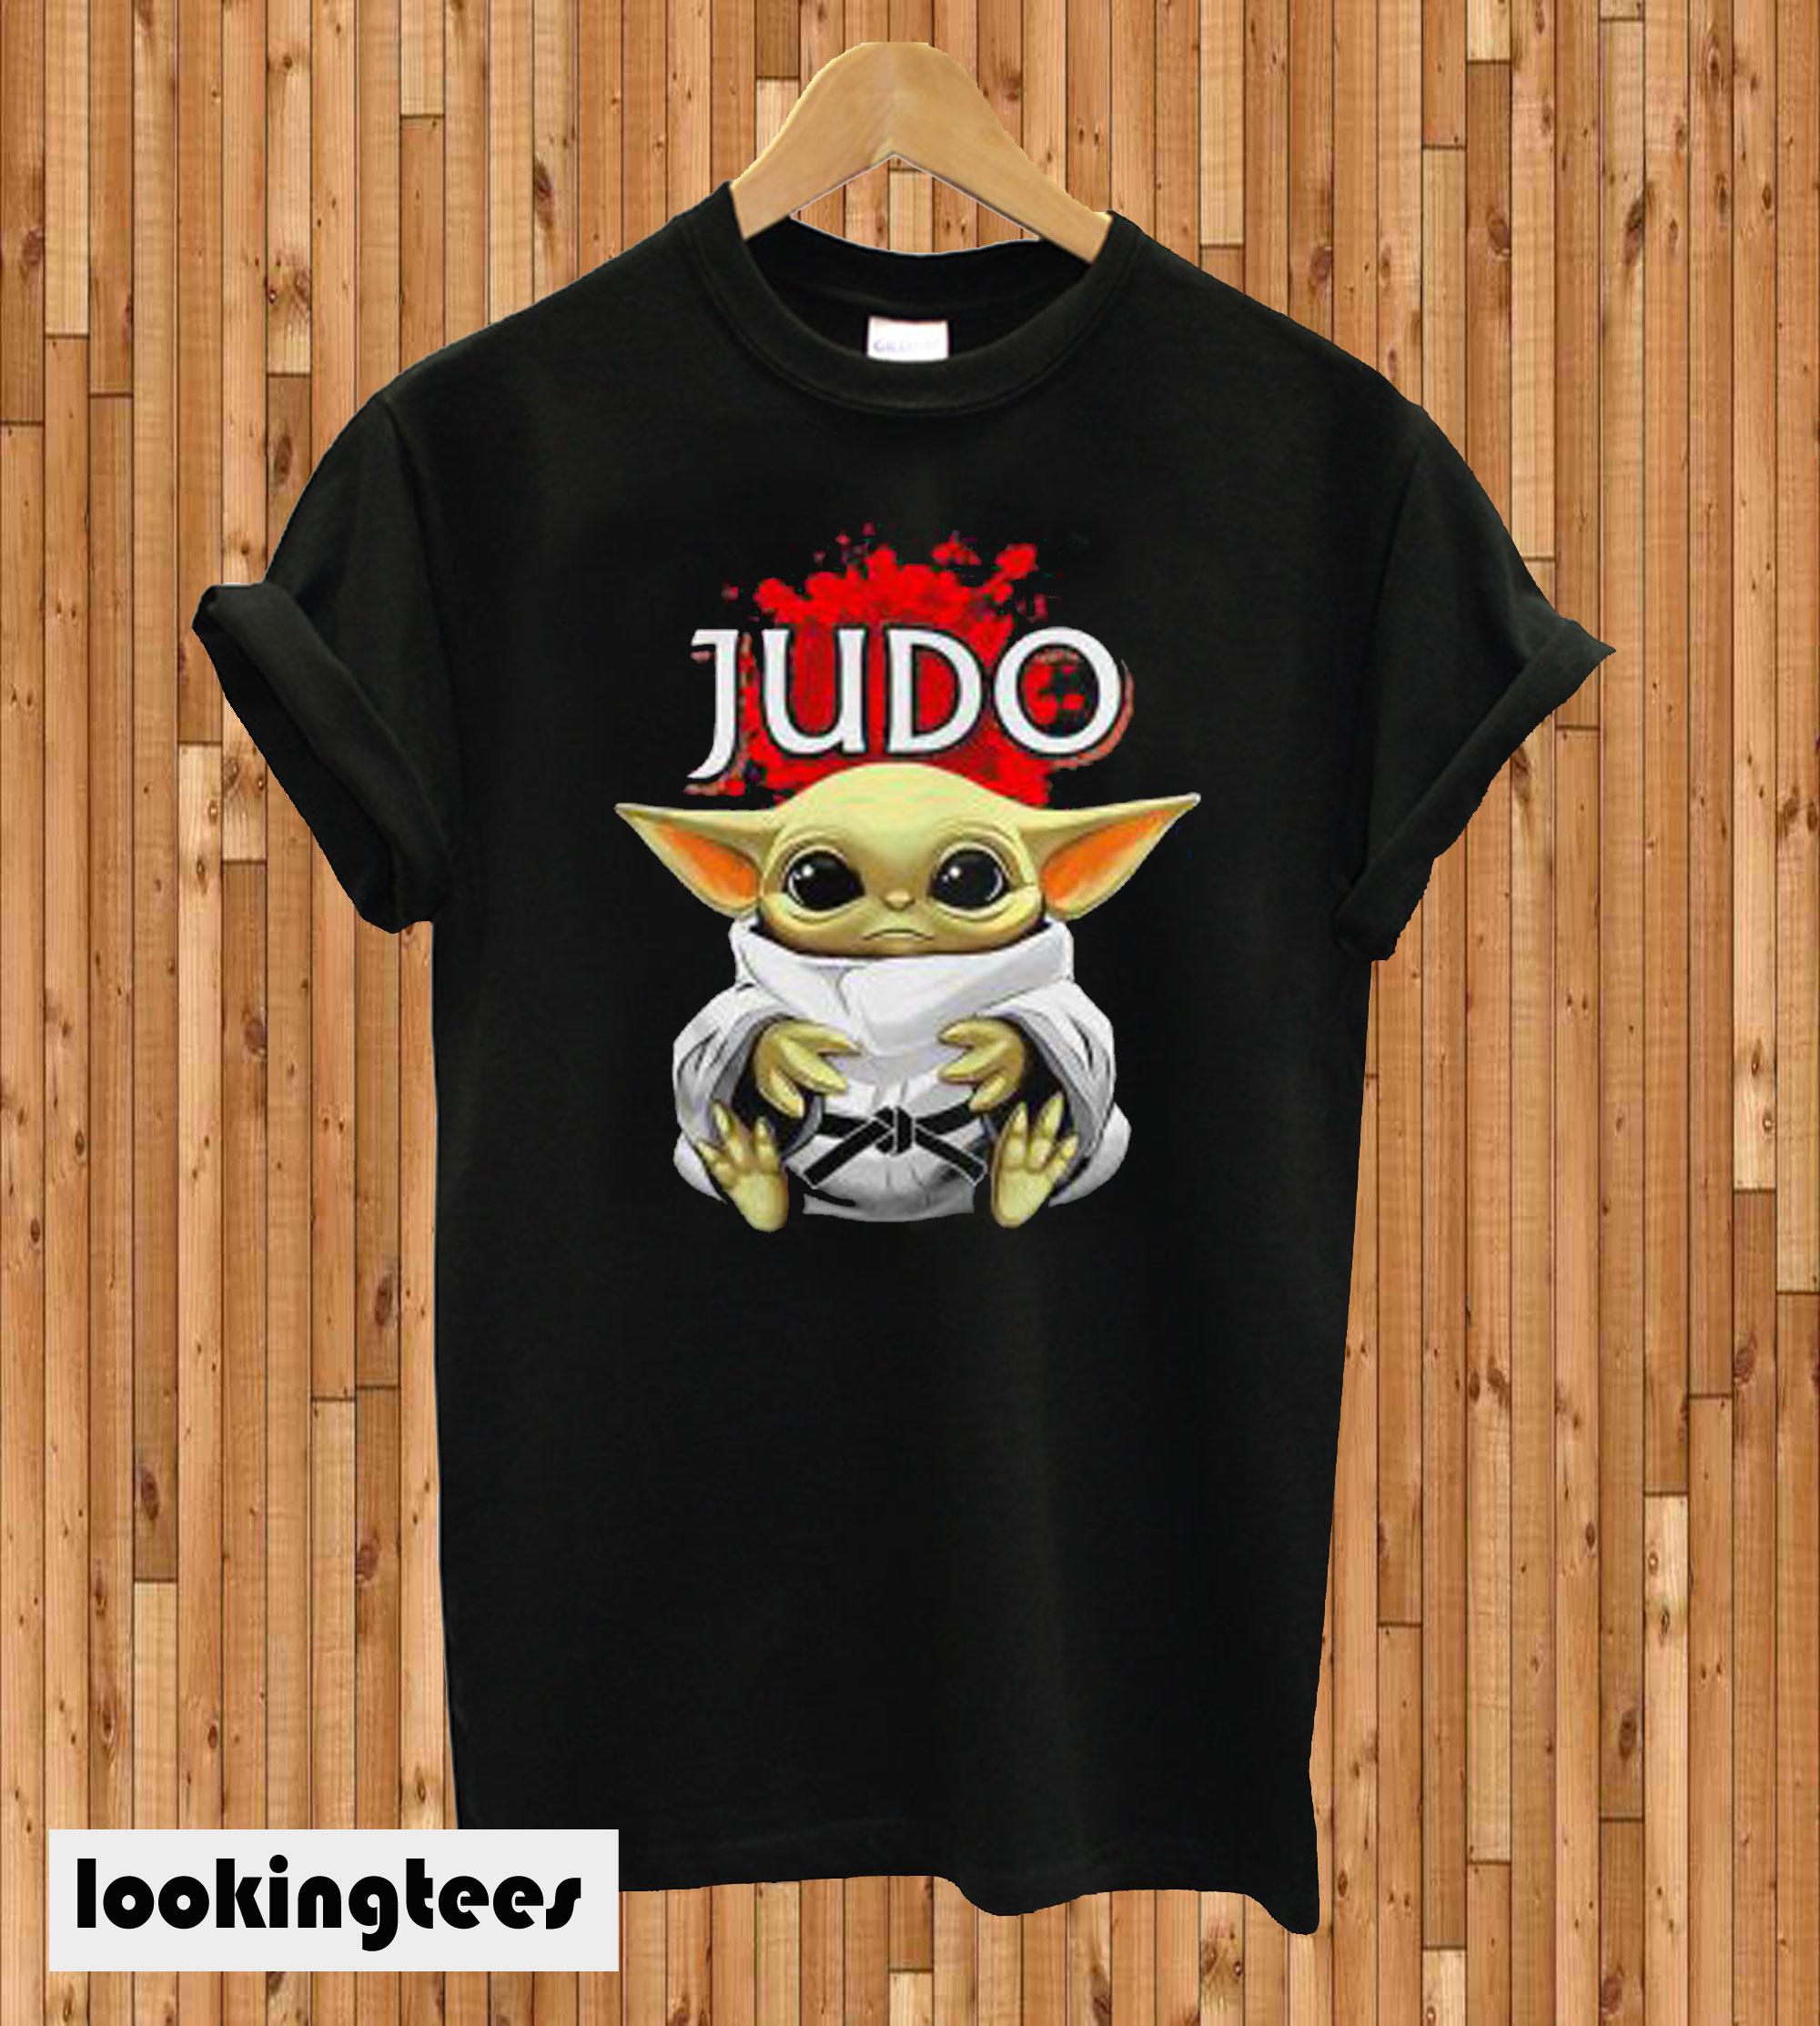 Star Wars Baby Yoda Judo T-shirt